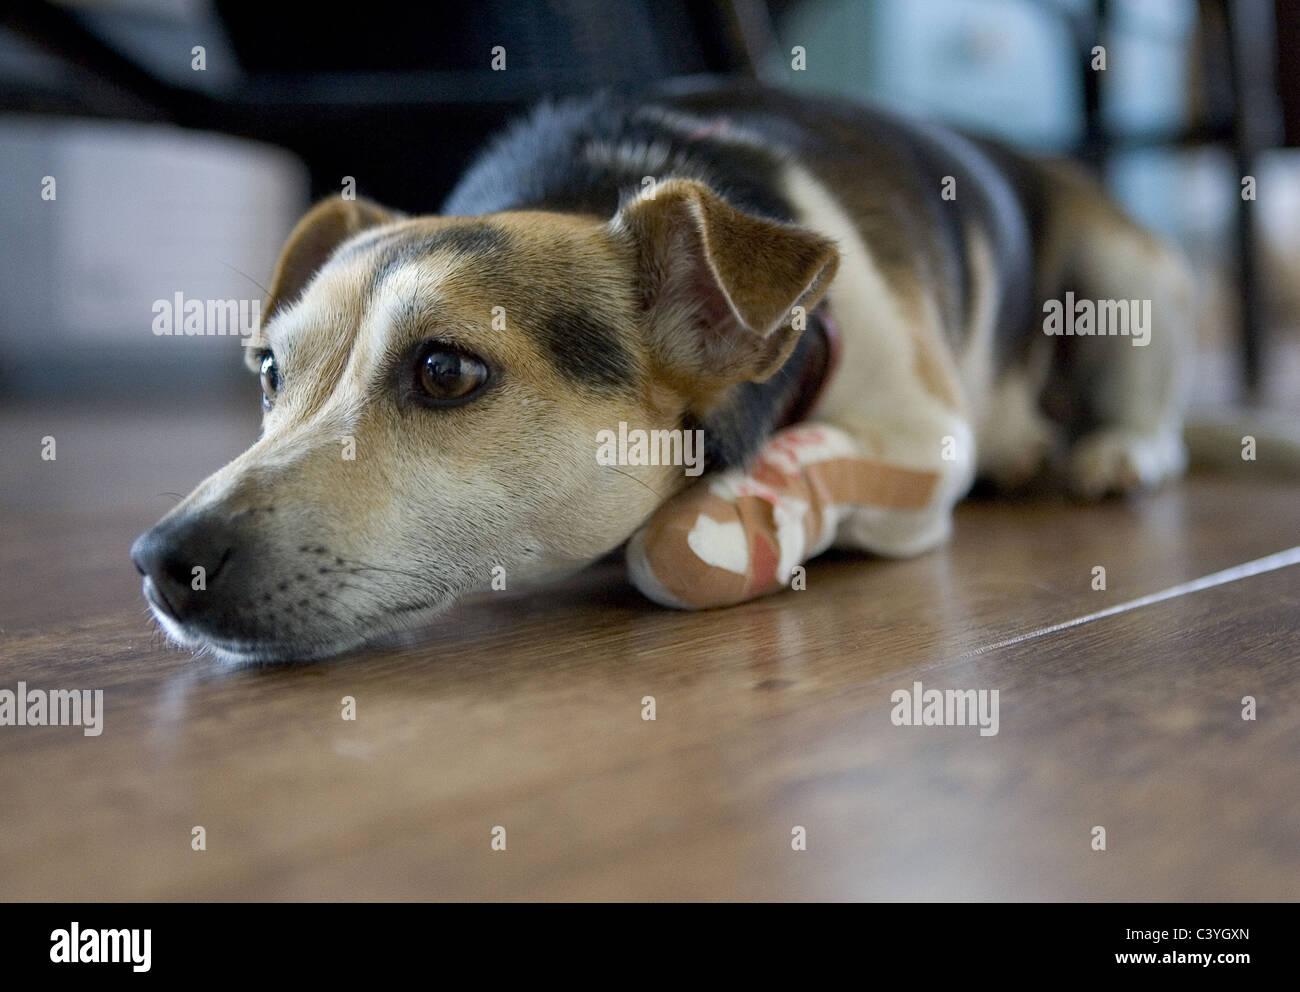 Bein gips hund gebrochen gebrochenes Bein